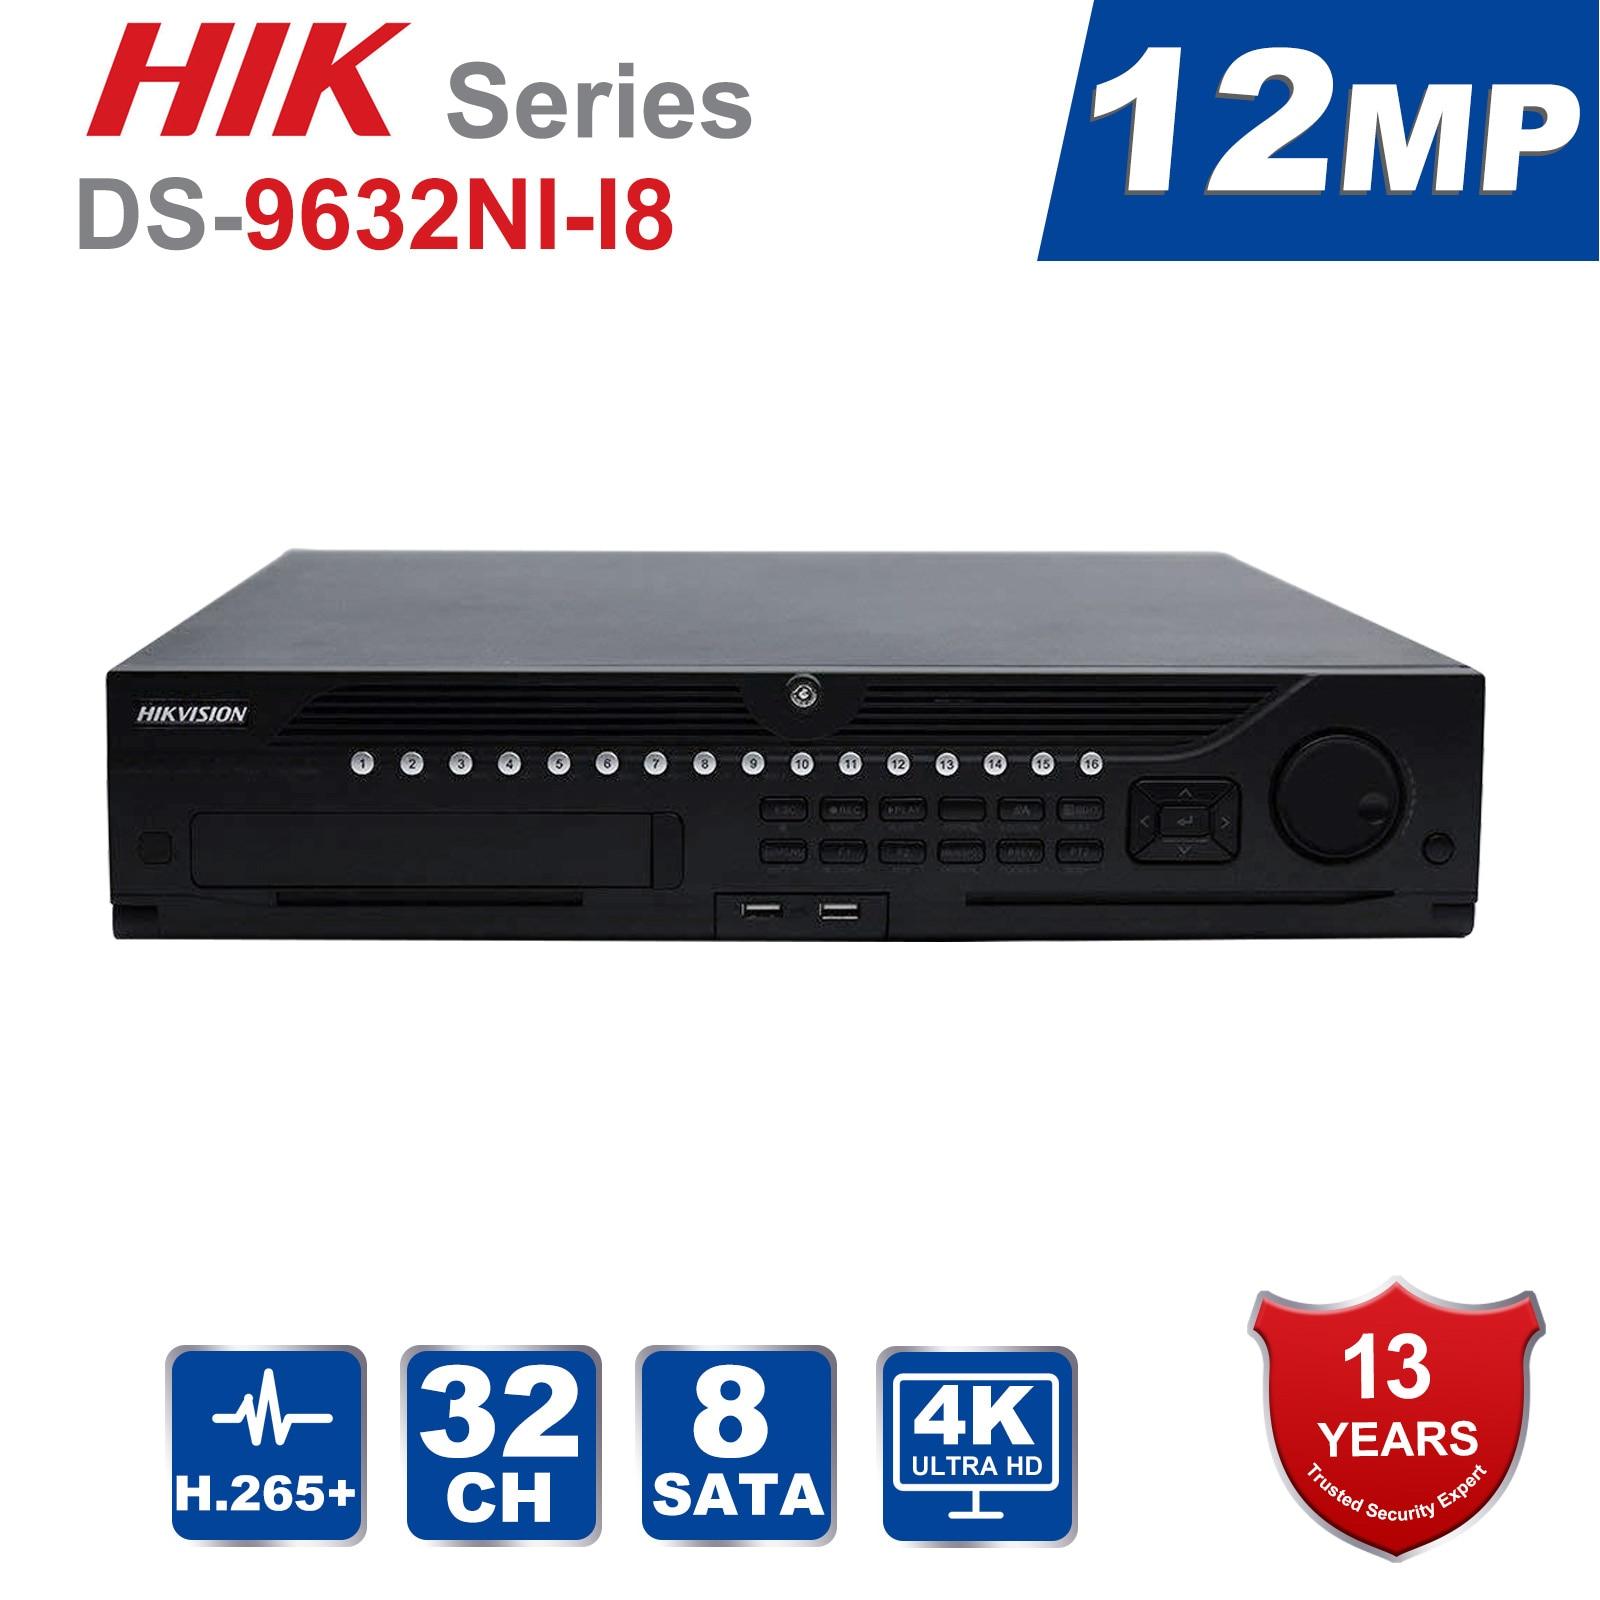 Hik Original professionnel 32 canaux système de vidéosurveillance DS-9632NI-I8 intégré 4 K 32 CH NVR jusqu'à 12 mégapixels résolution 8 SATA 2 HDMI